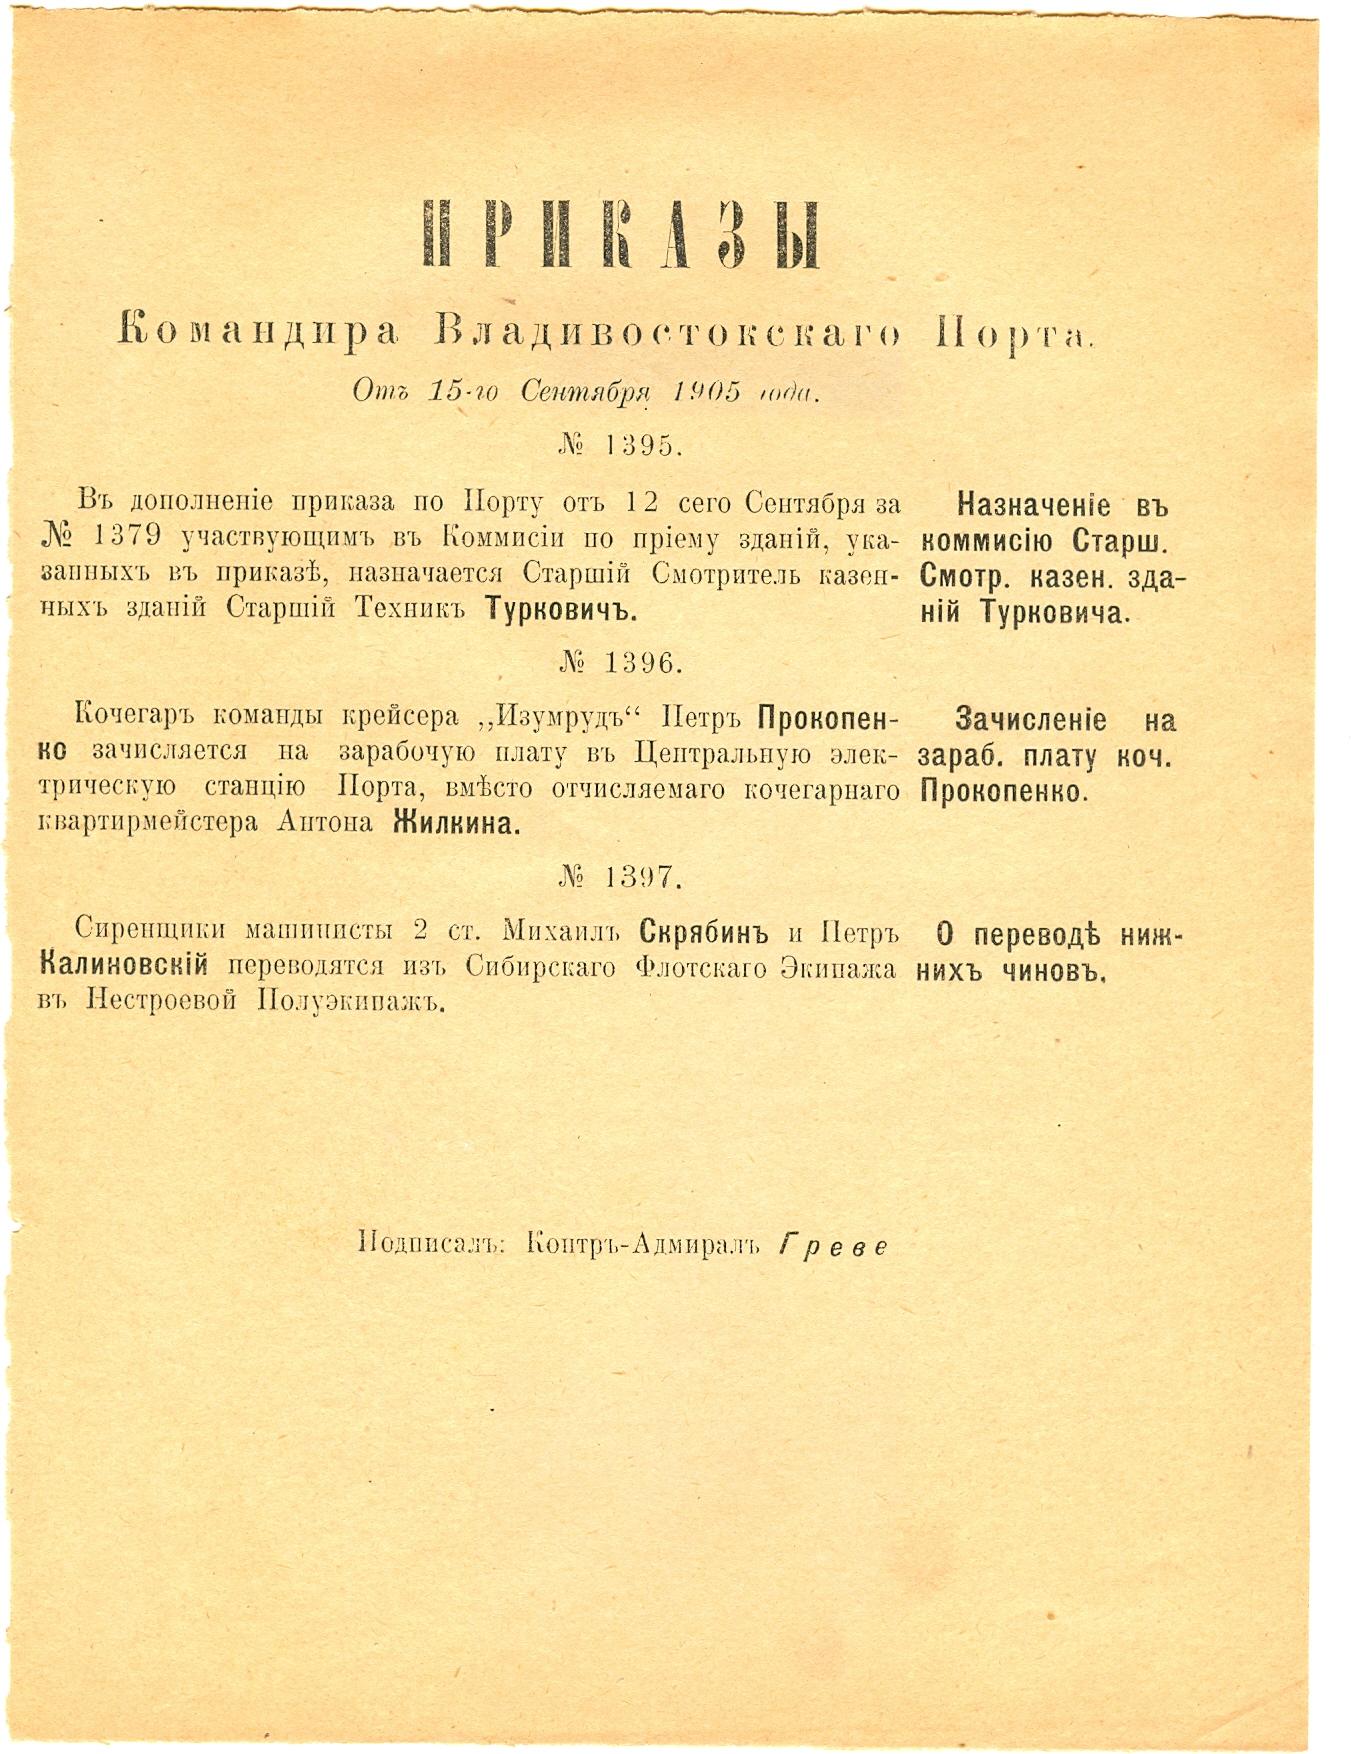 От 15-го Сентября 1905 года.